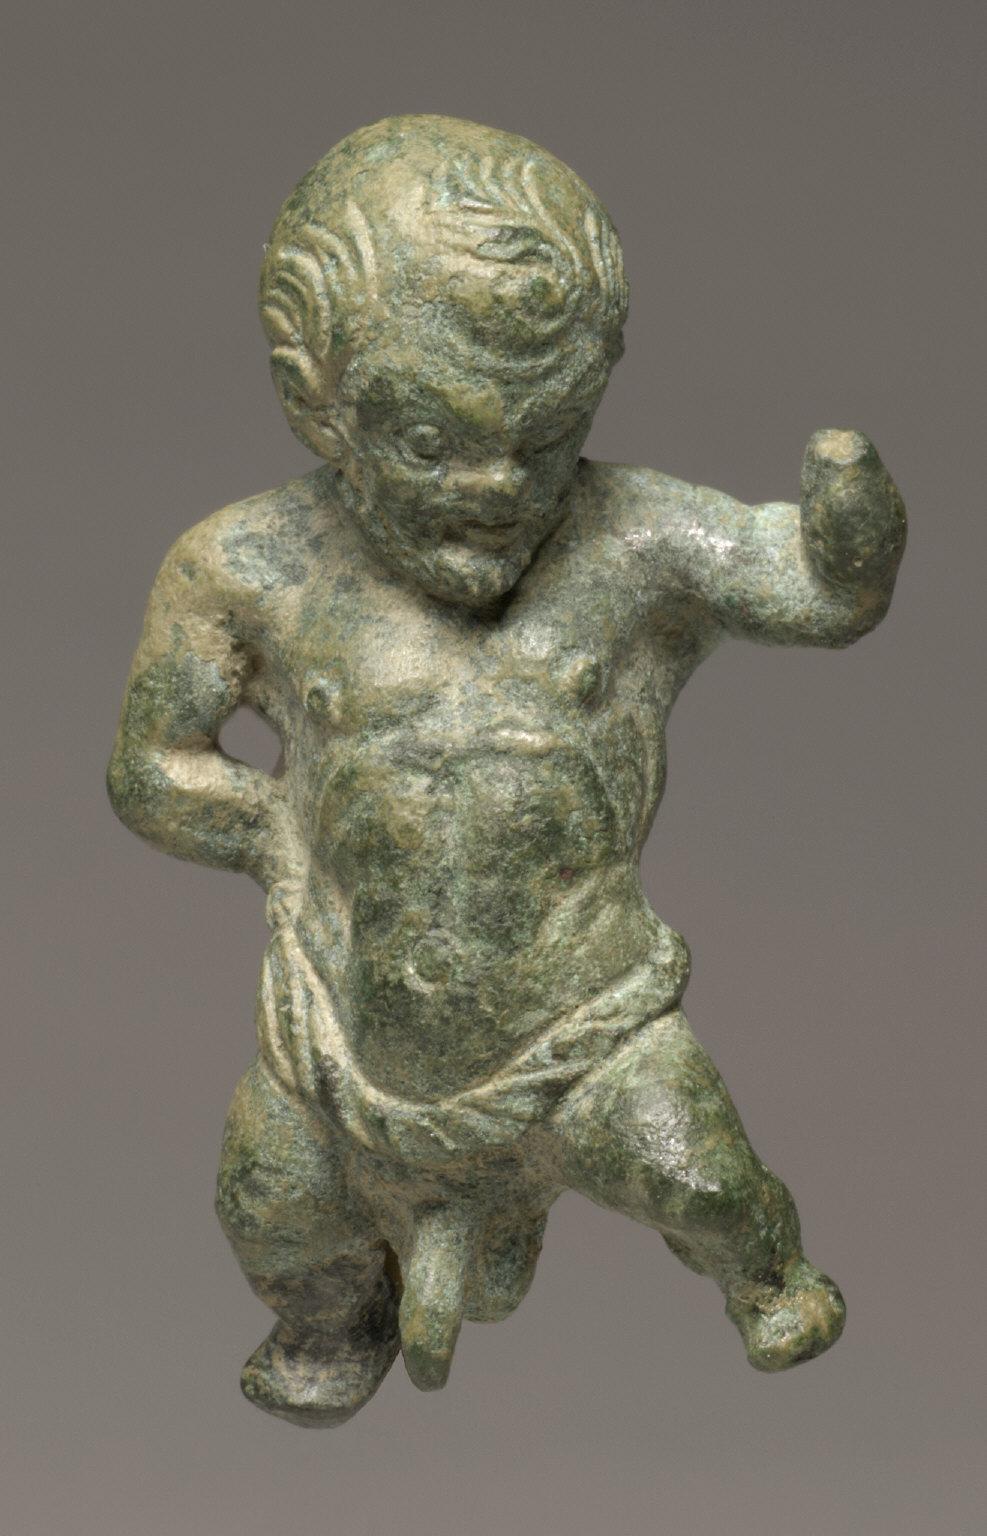 Dancing Dwarf